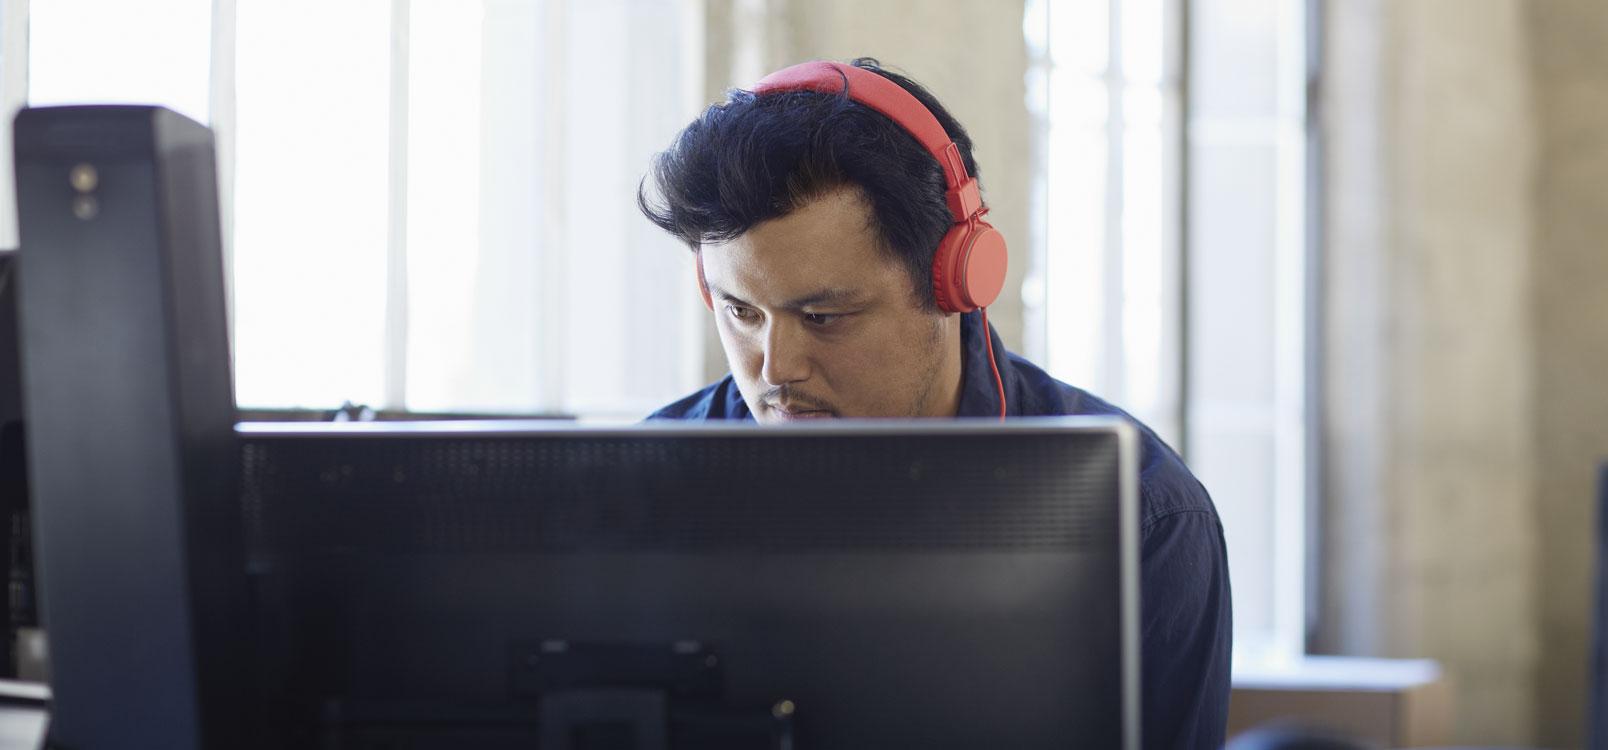 Ένας άντρας που φοράει ακουστικά και εργάζεται σε έναν επιτραπέζιο υπολογιστή, χρησιμοποιώντας το Office 365 για την απλοποίηση του IT.